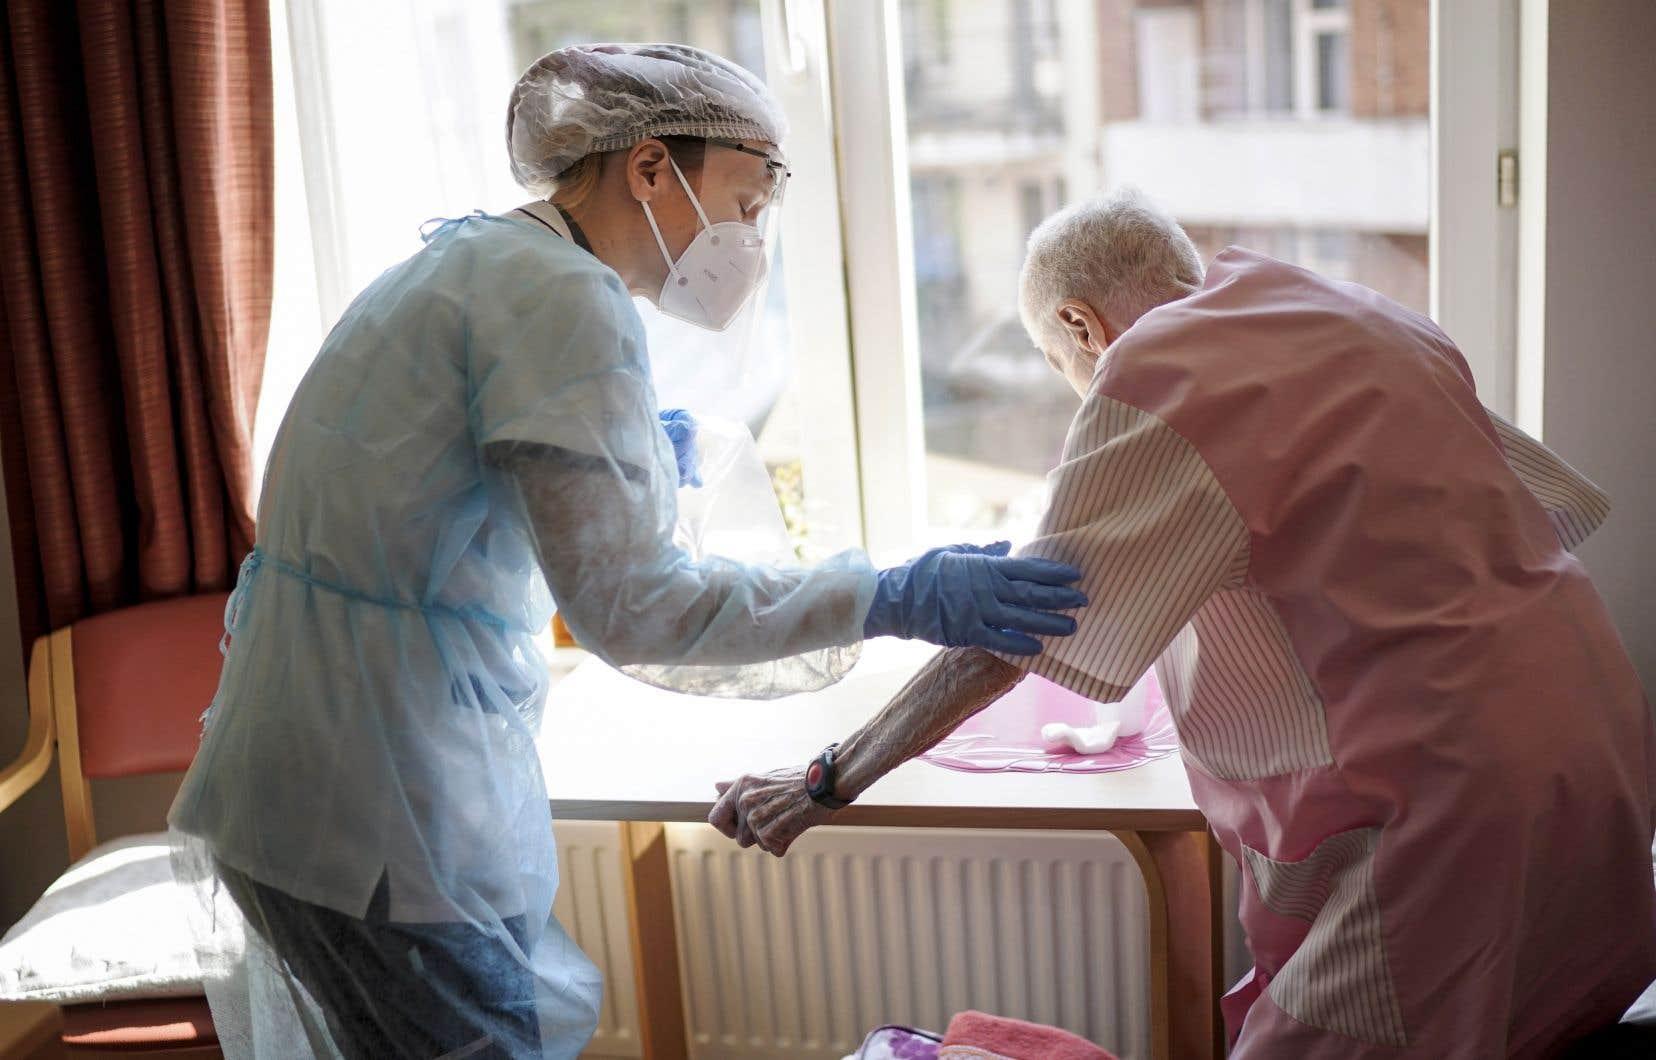 Les maisons de retraite représentent jusqu'à la moitié des décès enregistrés dans certains pays européens, selon l'OMS.